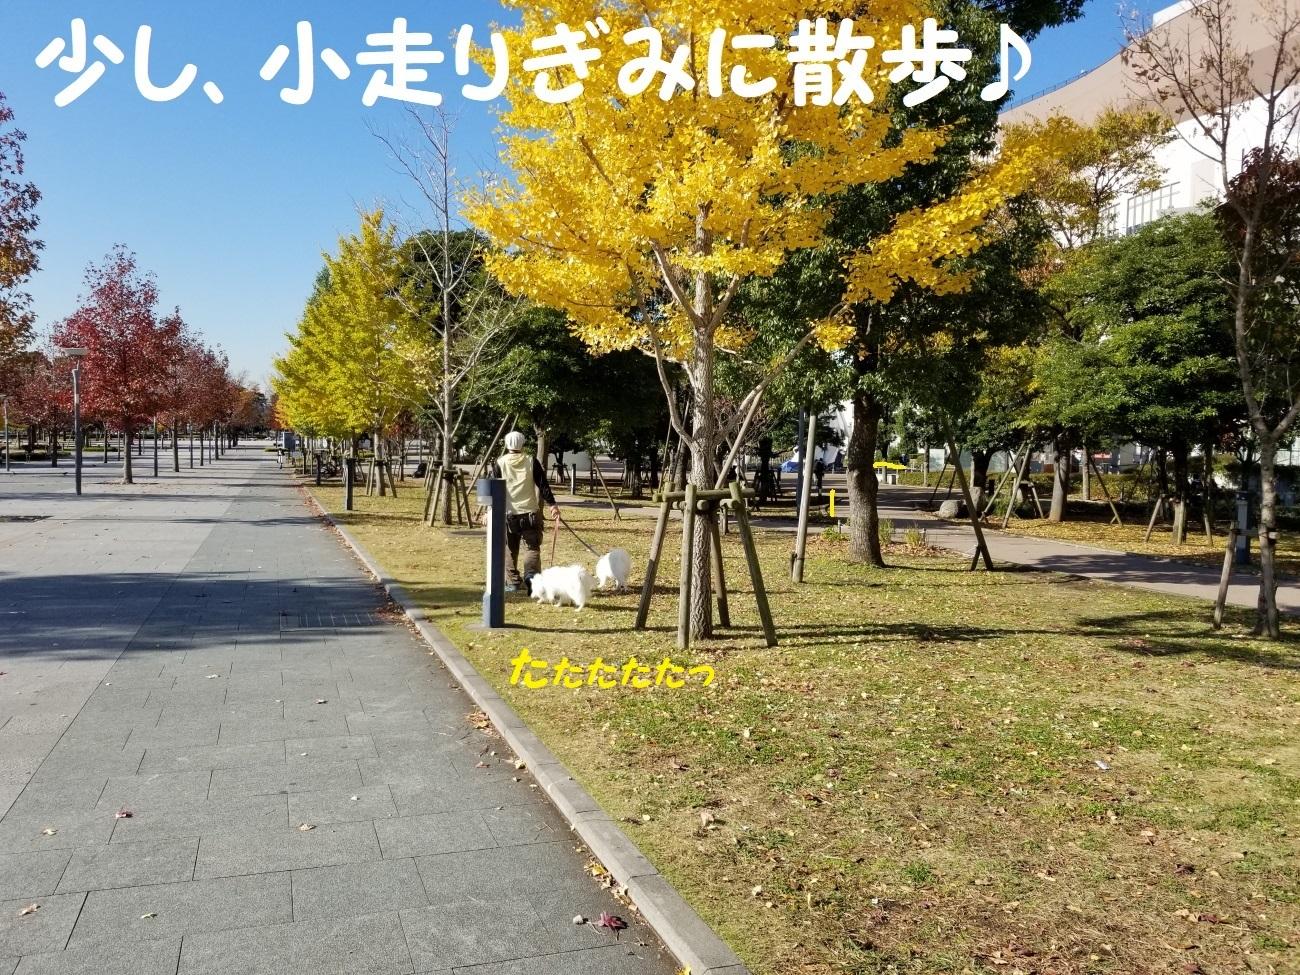 20171124_094117.jpg